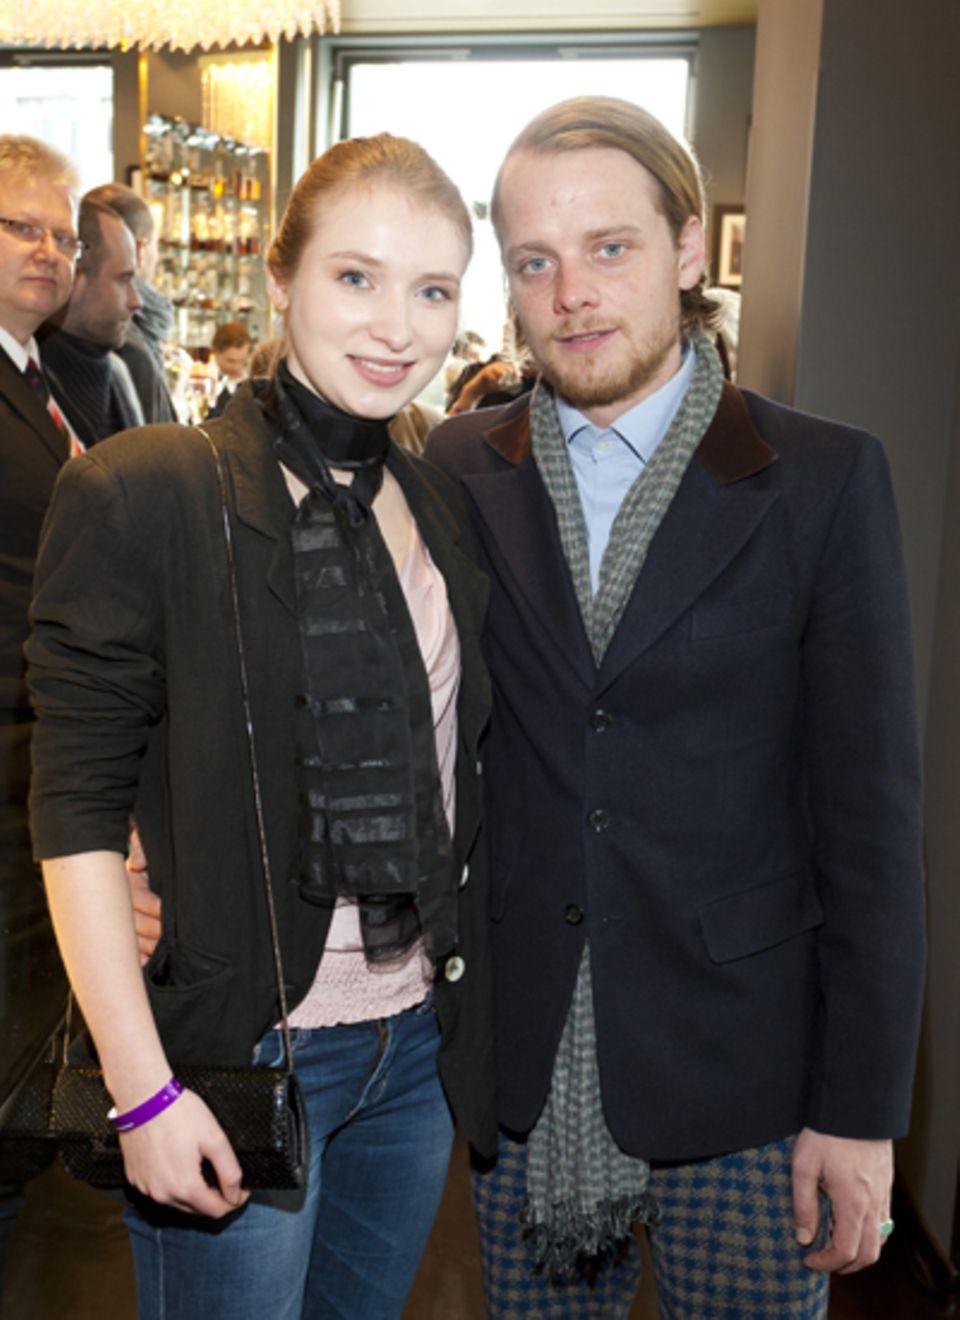 Die Schauspieler Constanze Wächter und Stefan Konarske amüsierten sich in der Catwalk-Bar